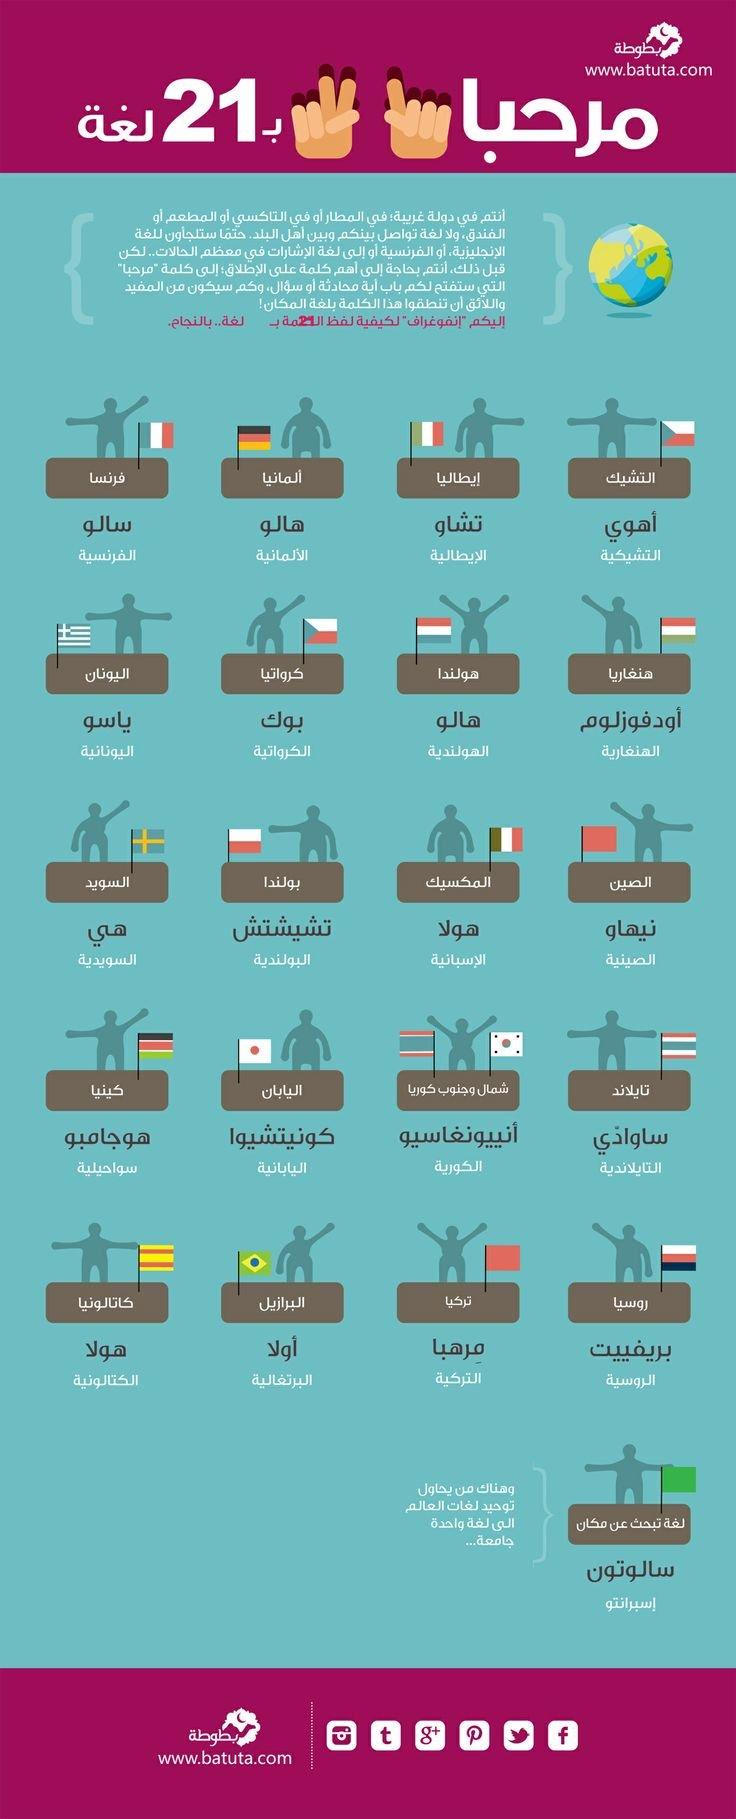 كلمة مرحبا في 21 لغة #انفوجرافيك